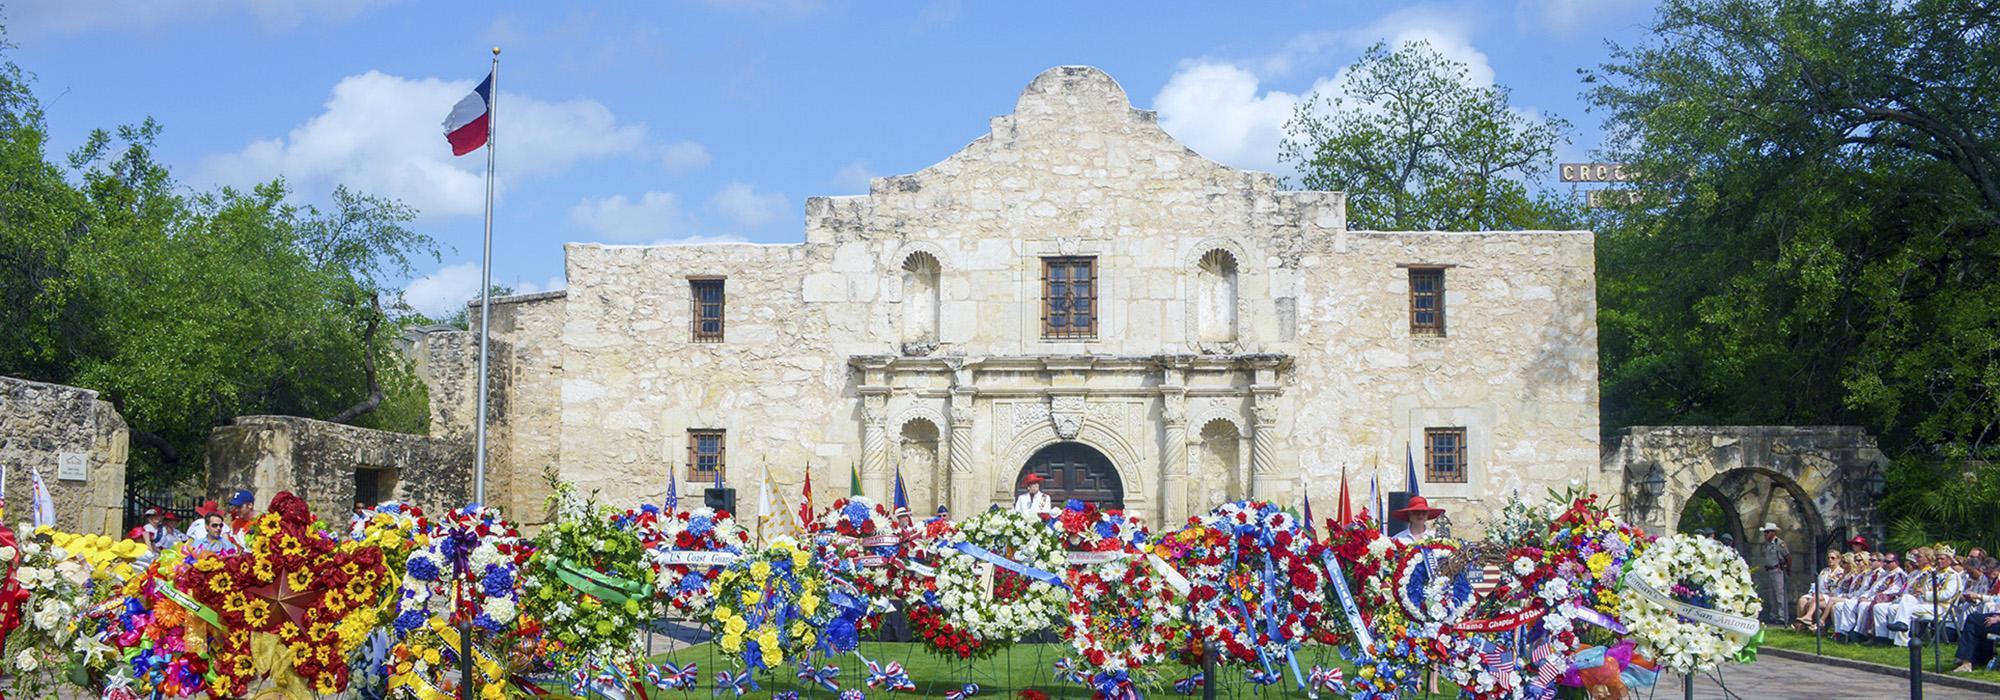 TX_SanAntonio_Alamo_JoelMartinez_2014_01_CityGuide_Hero_14.jpg